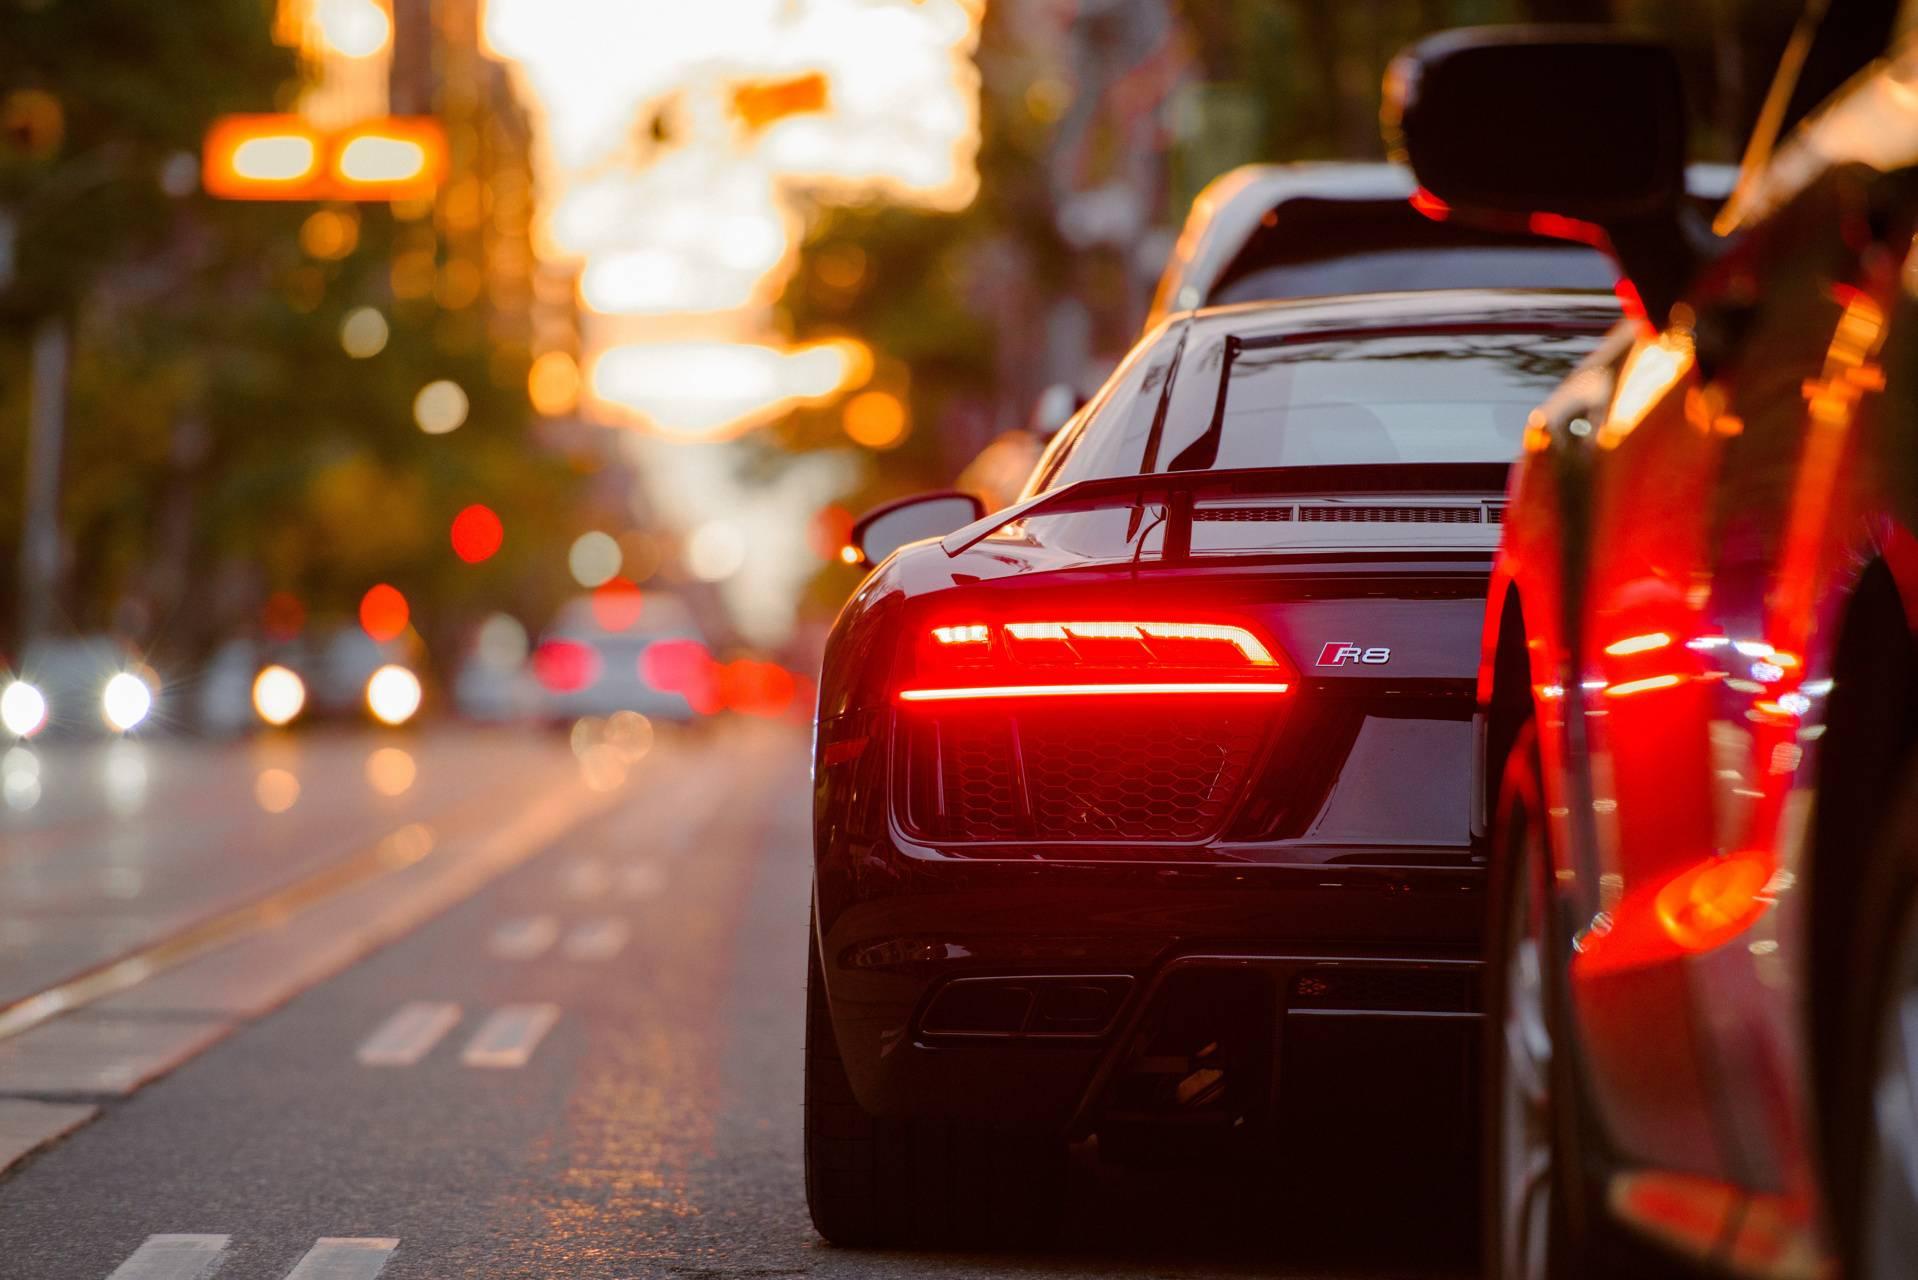 Blur cars